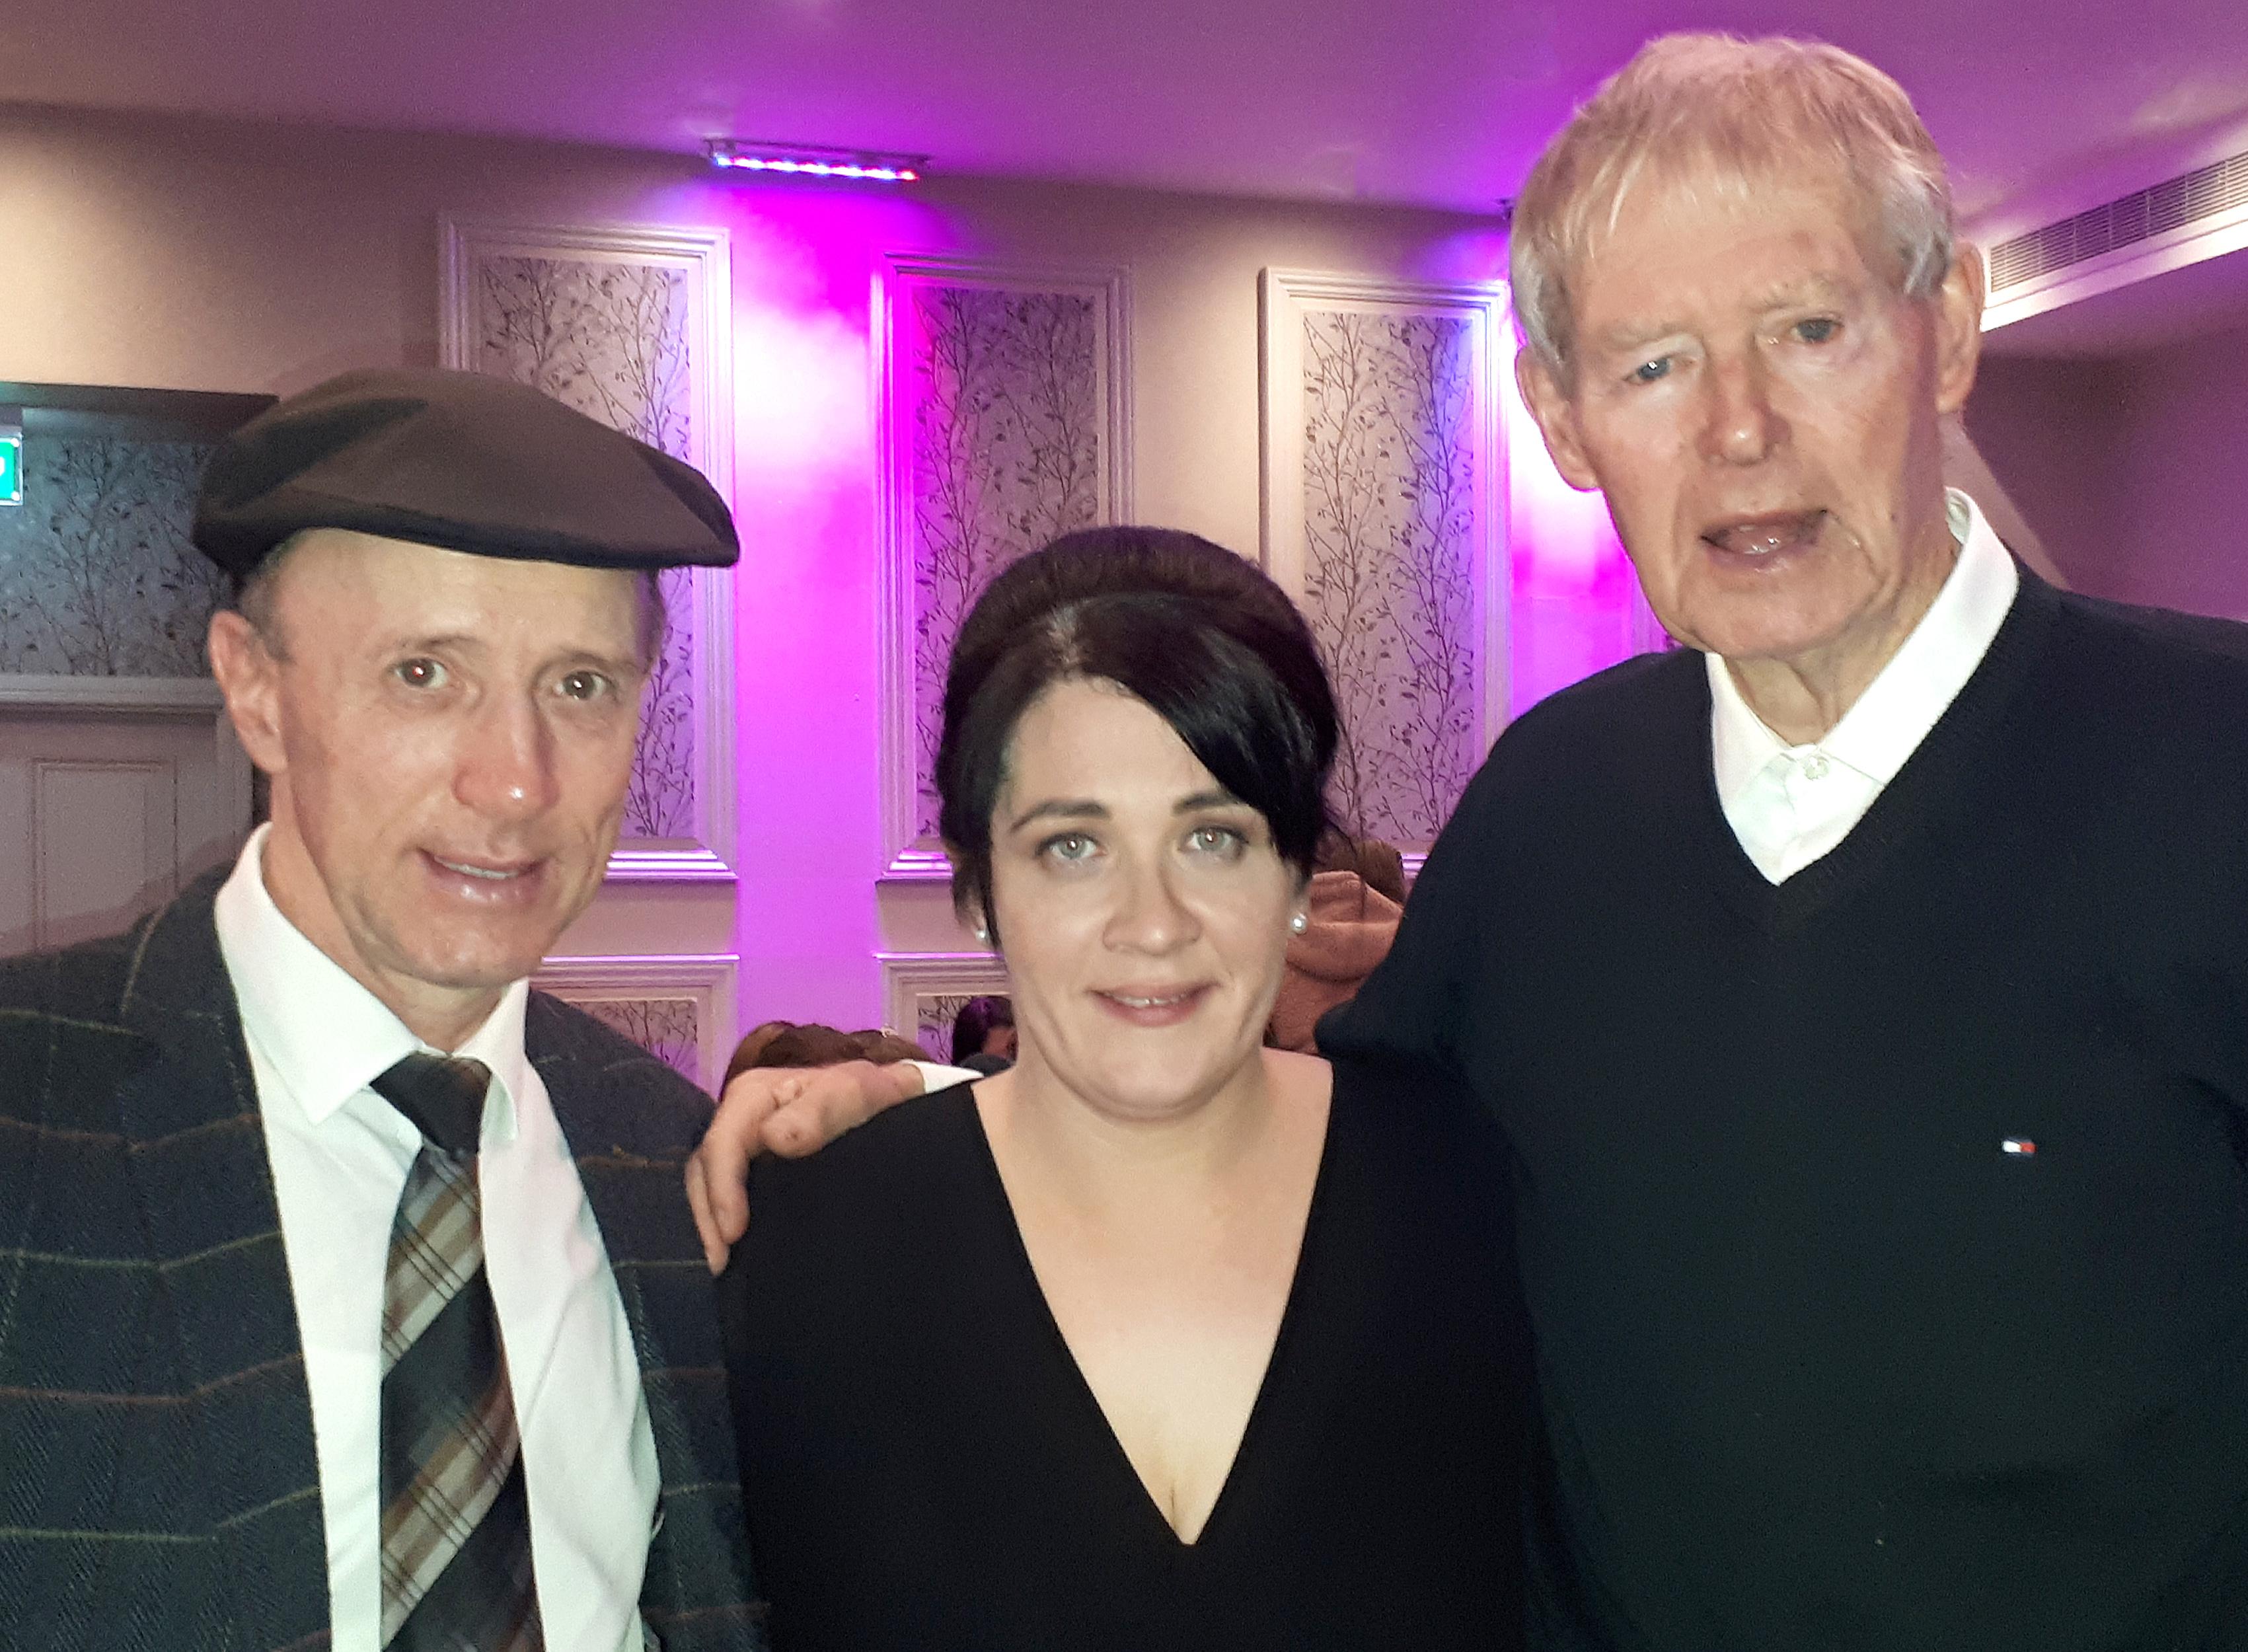 Michael Healy Rae Jean O'Sulliva n & Mícheál Ó Muircheartaigh